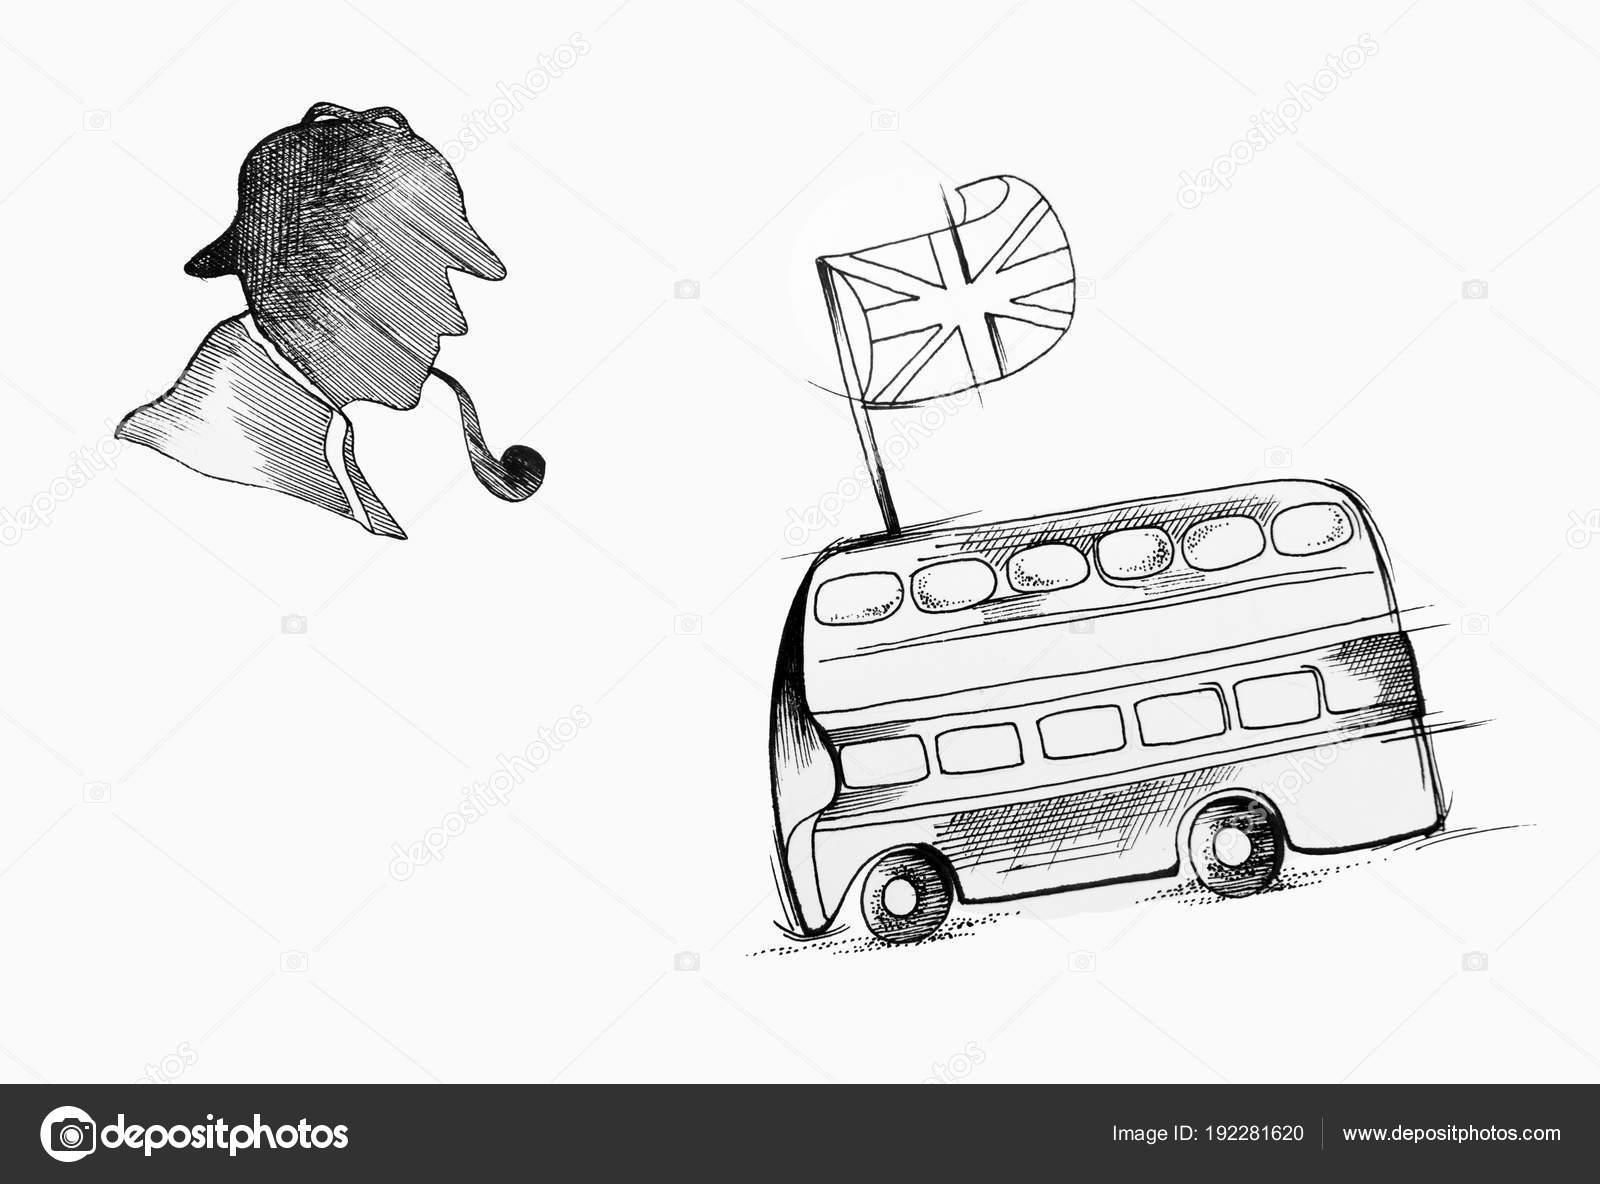 eine skizze silhouette von sherlock holmes und englisch bus auf weissem hintergrund foto von nookphoto mail ru